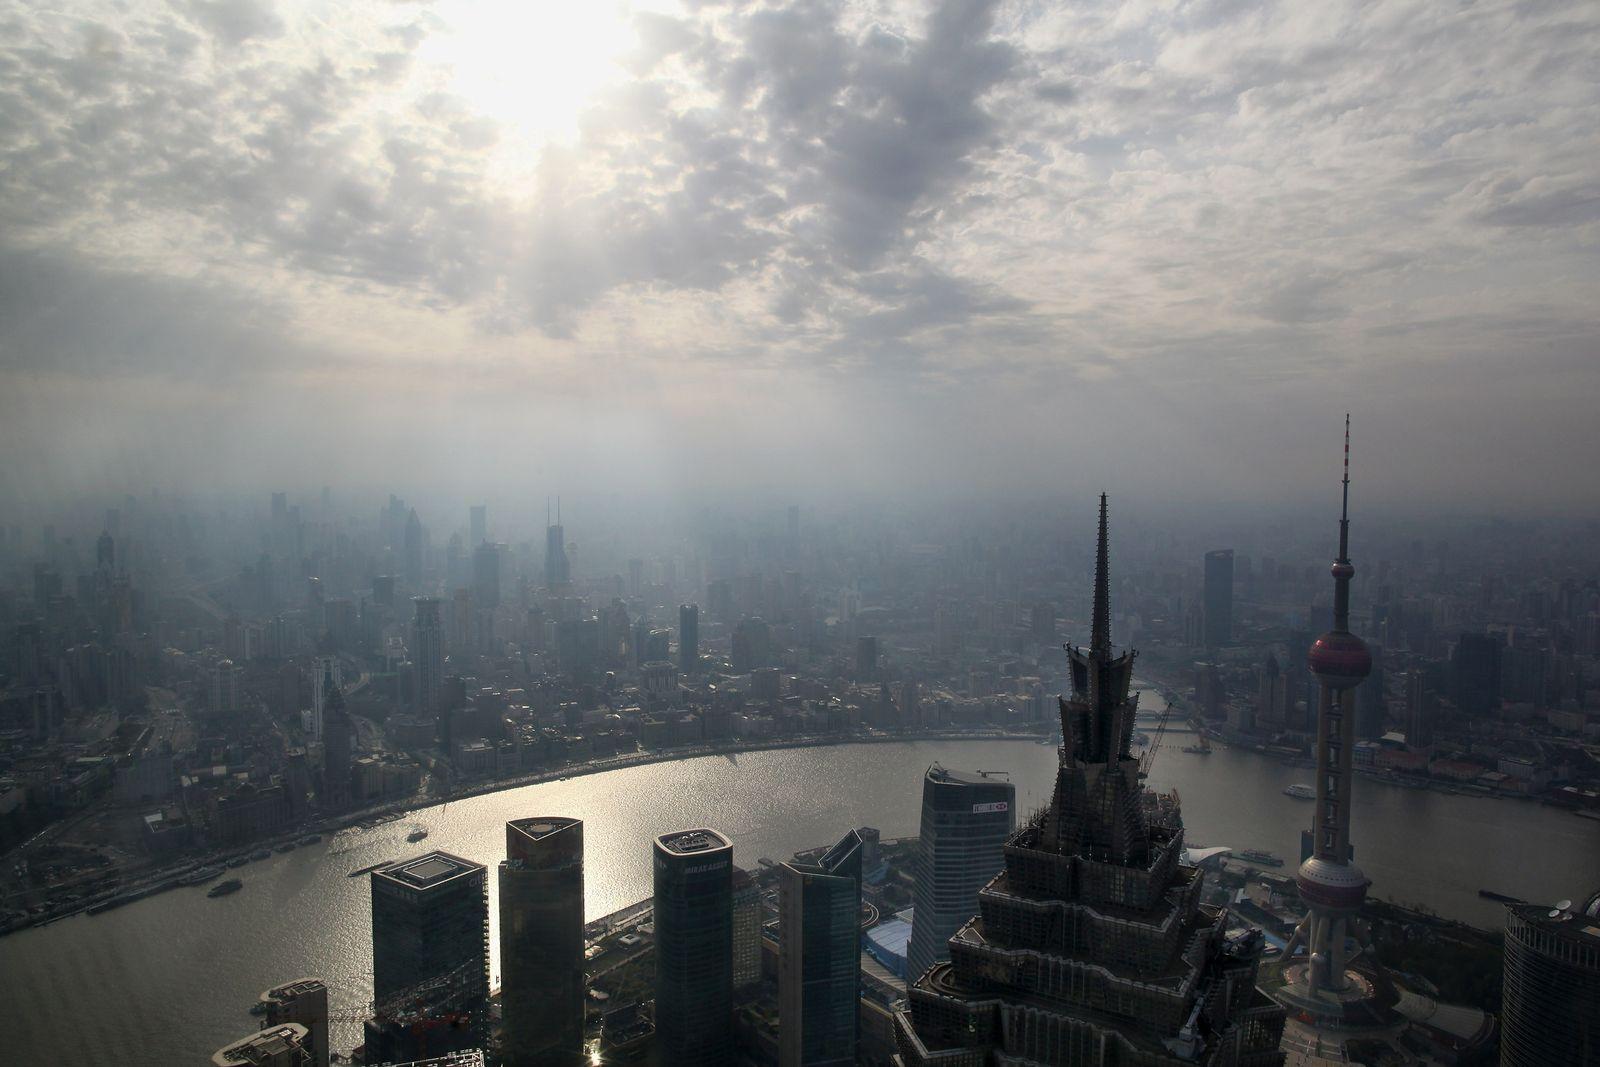 Shanghai / Financial District